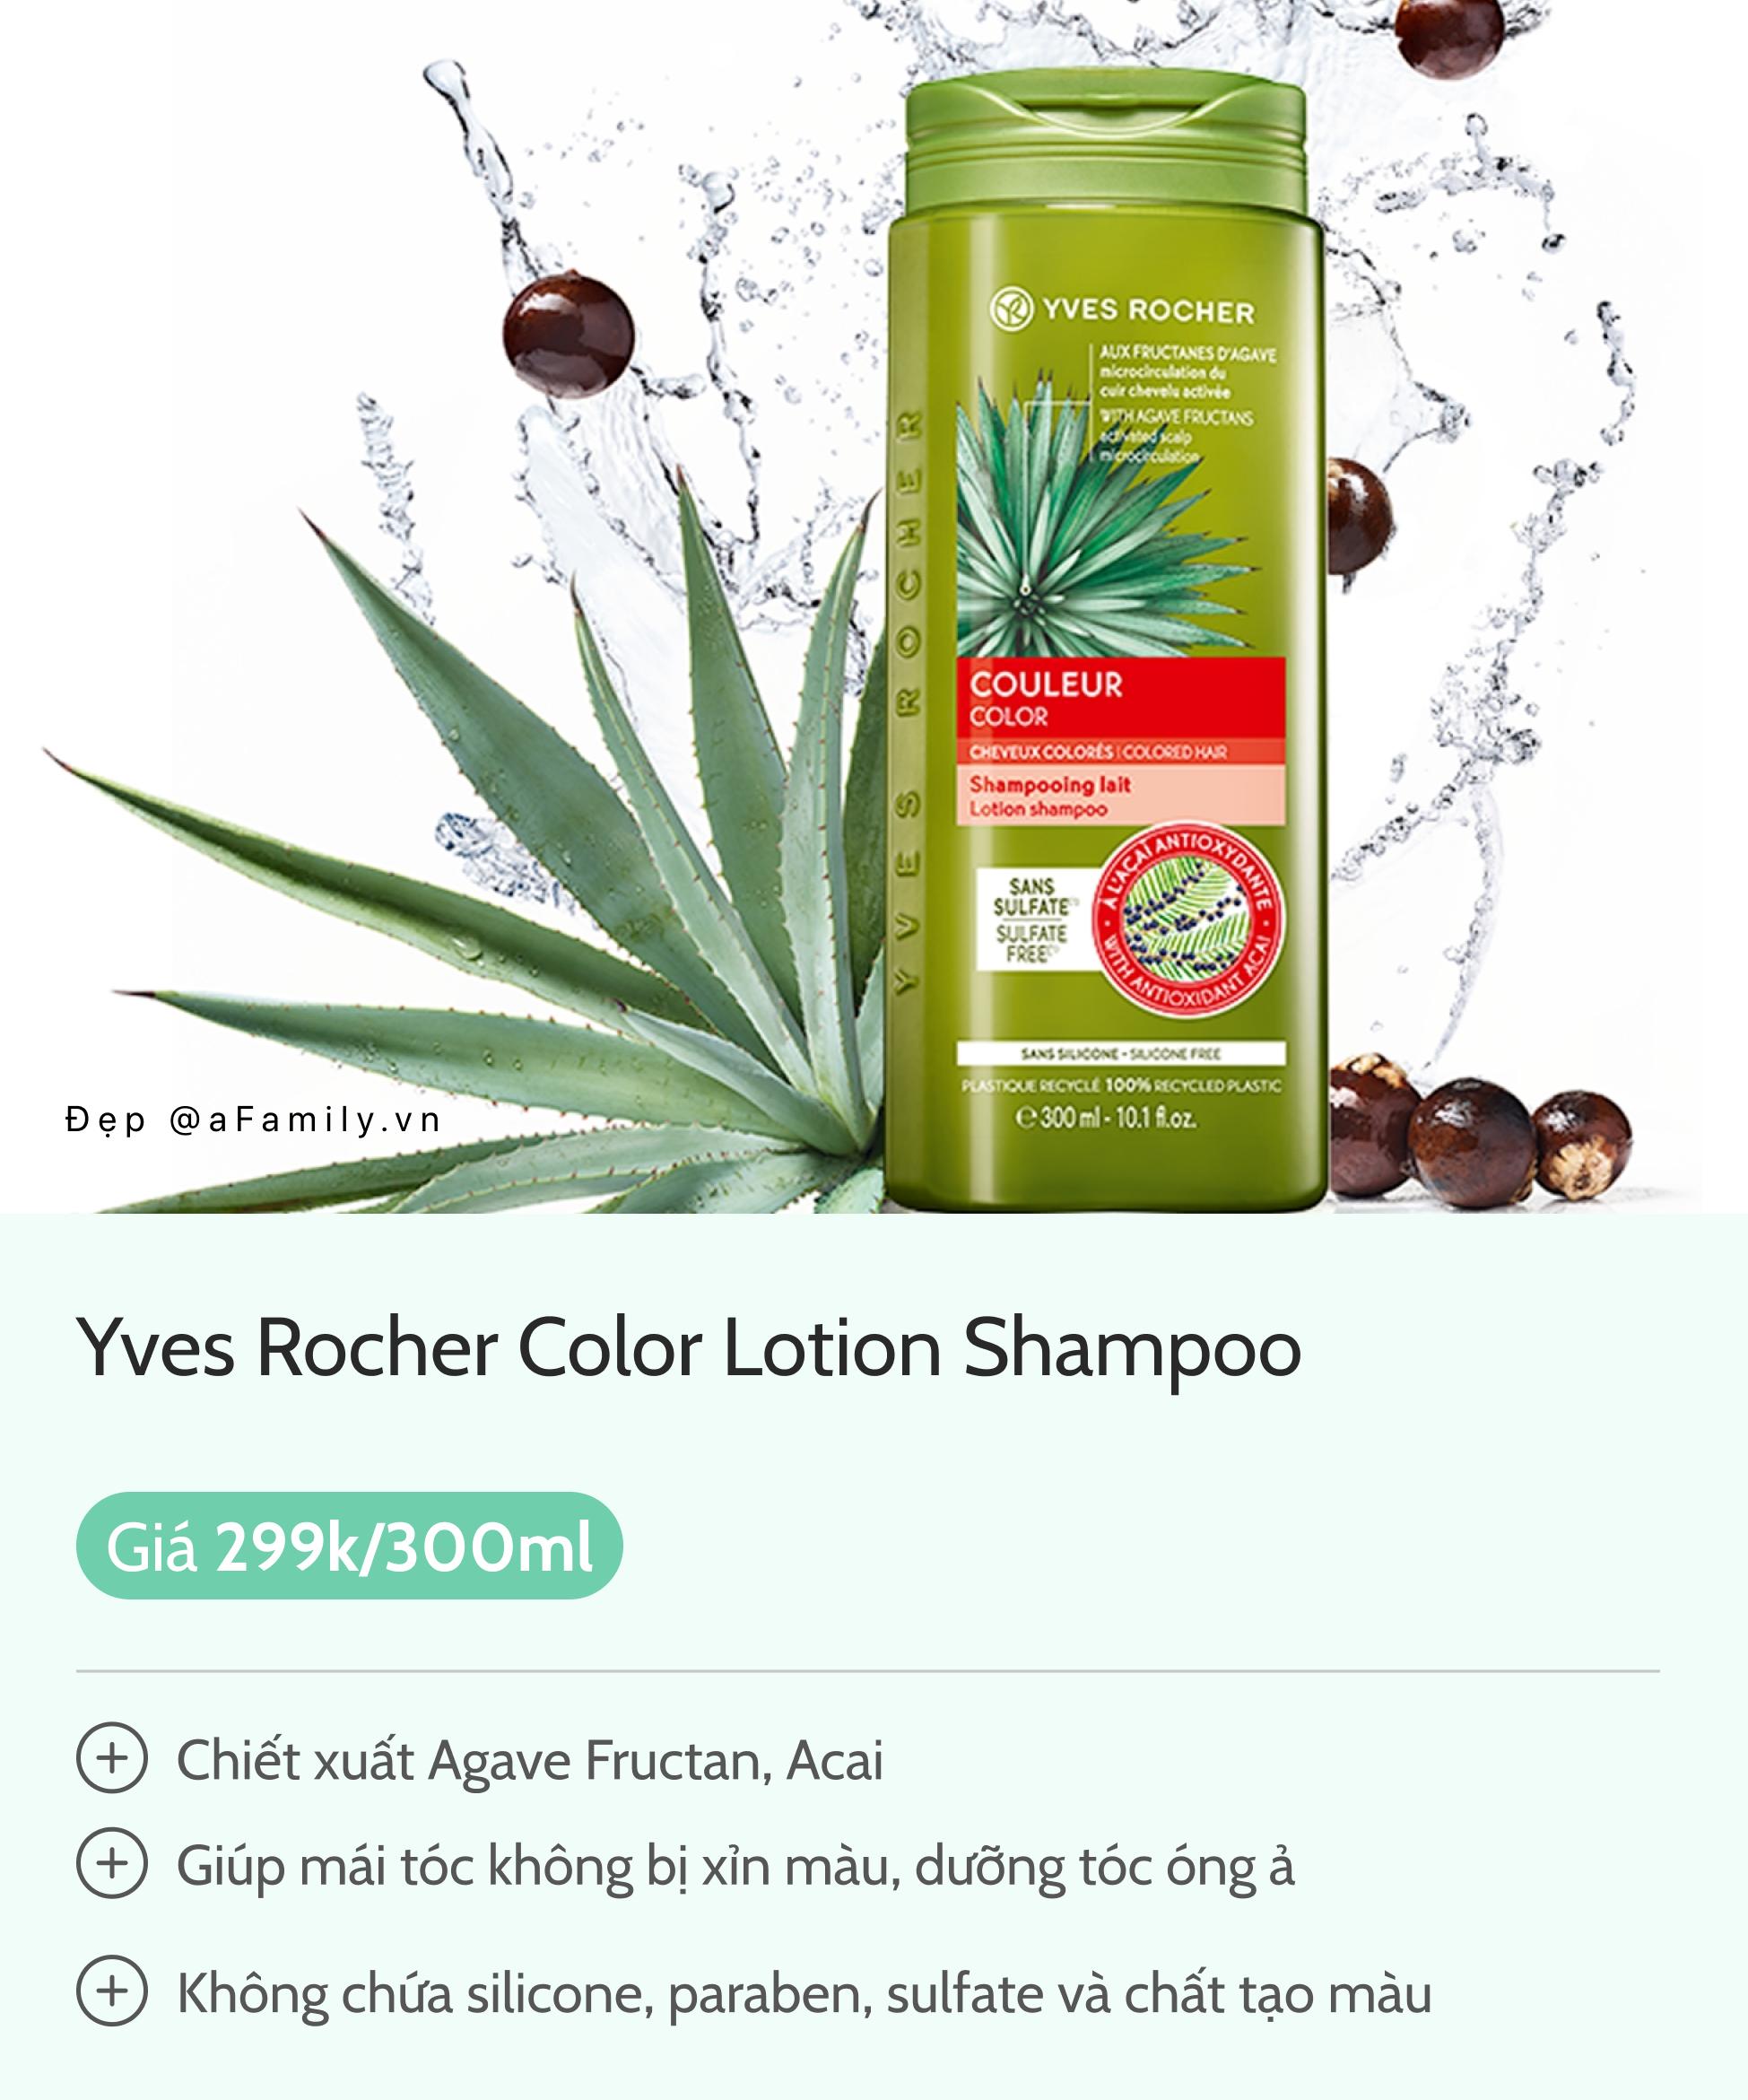 5 loại dầu gội dành riêng cho tóc nhuộm, để tóc bền màu mà không sợ khô xơ - Ảnh 5.